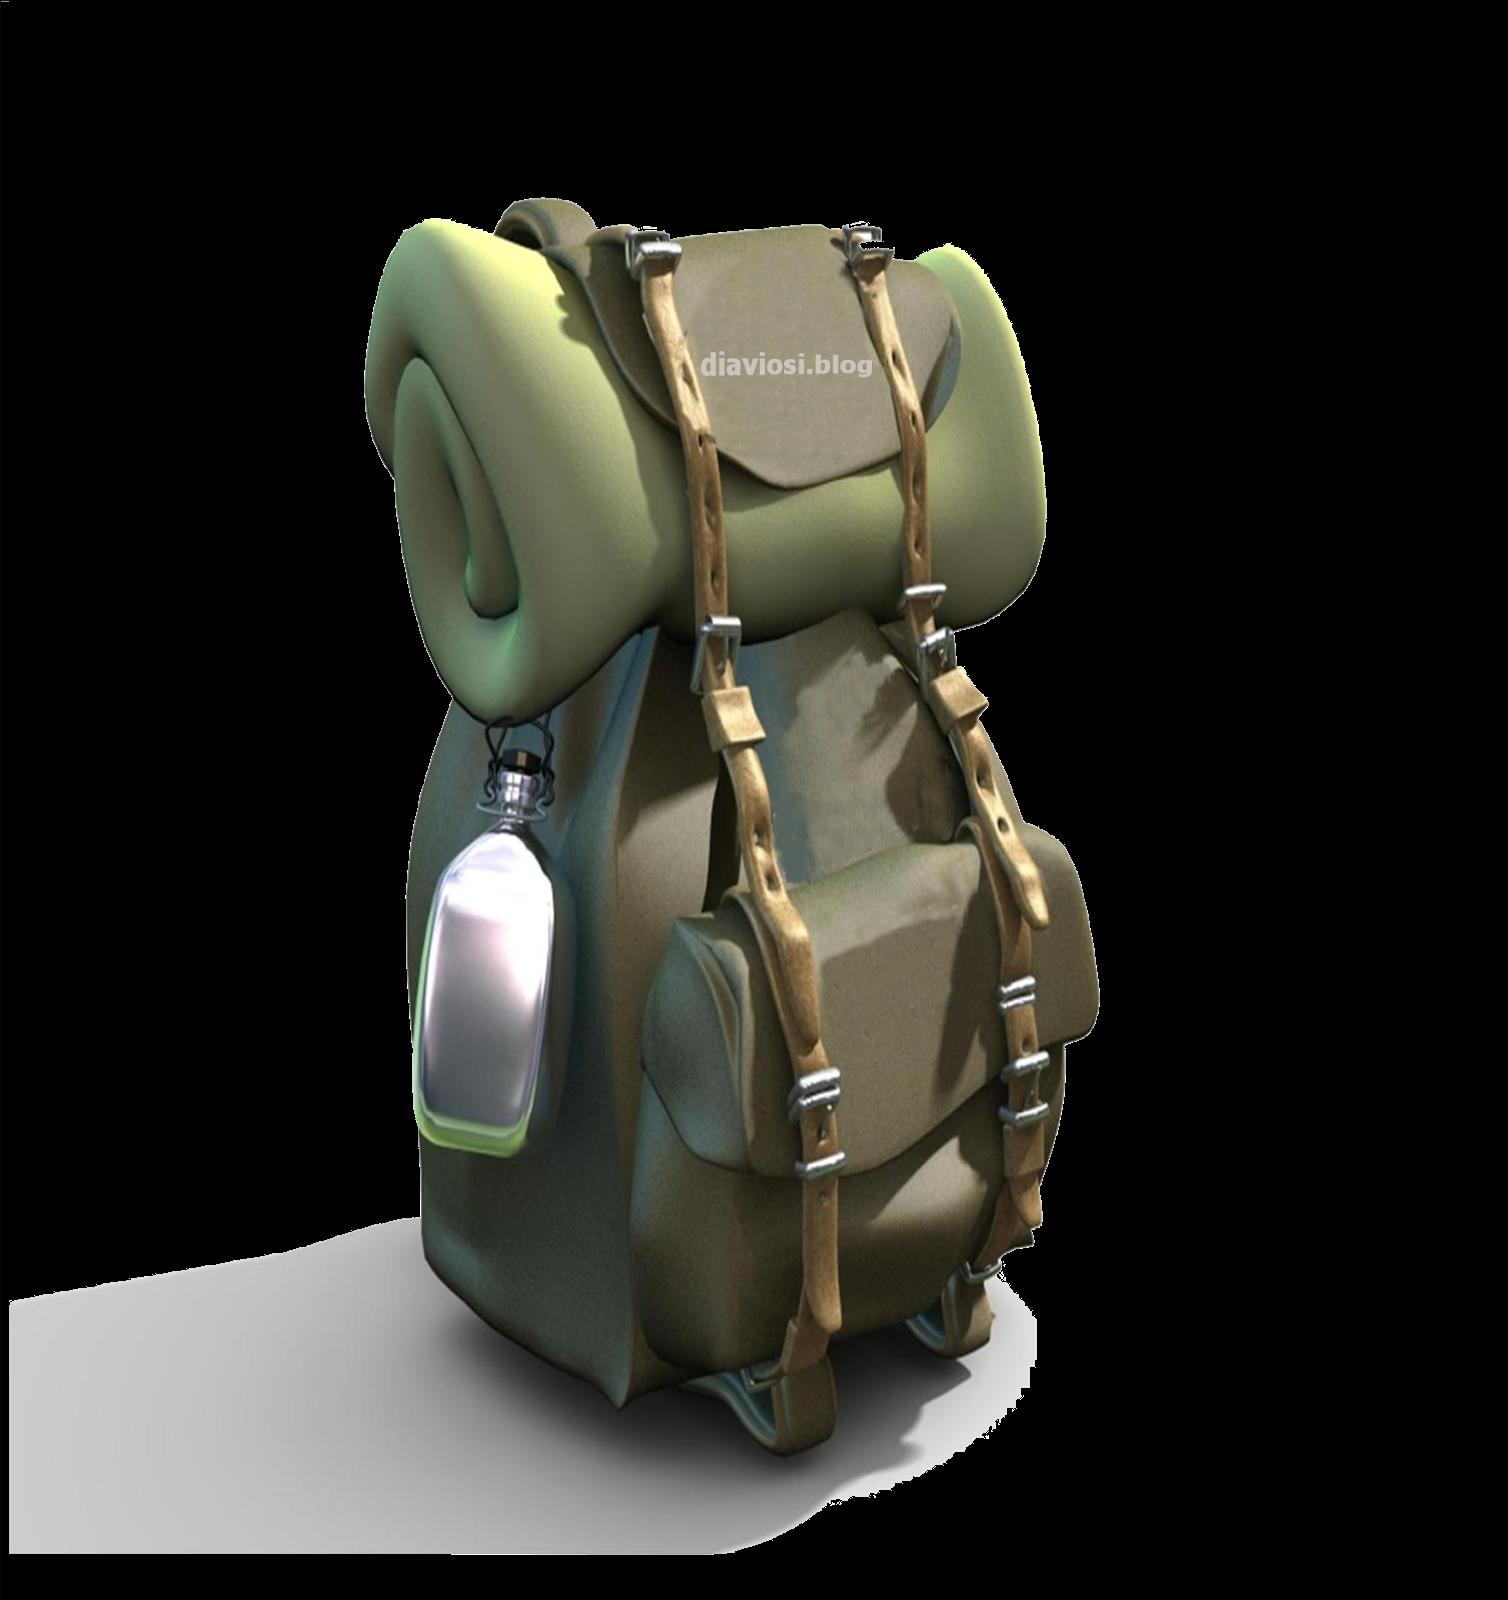 Σακίδιο πλάτης για free camping ή πεζοπορία